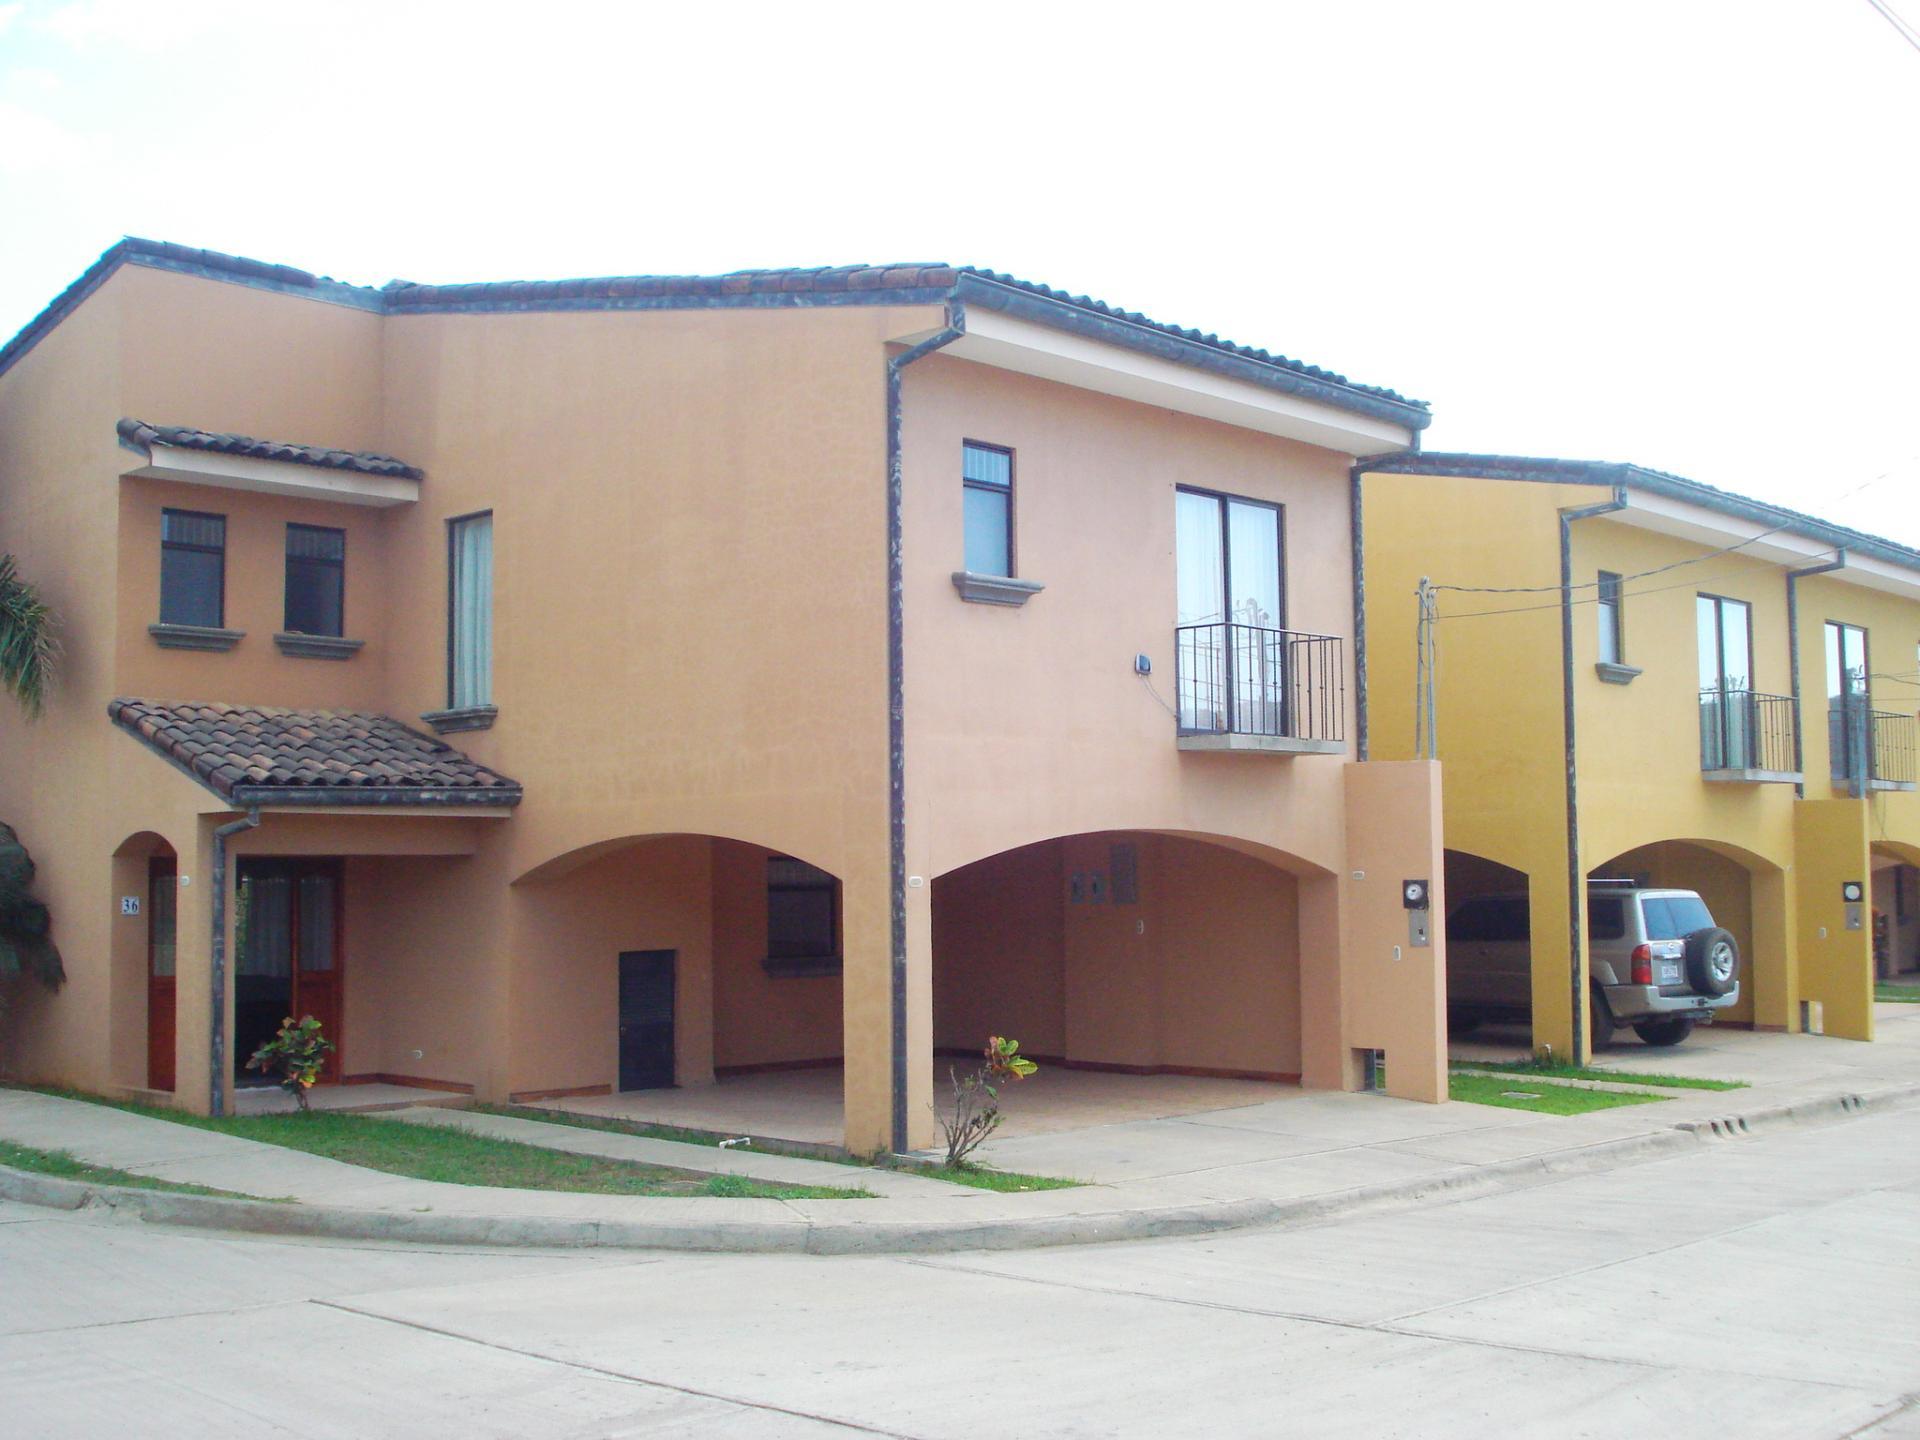 Exclusive condo community Tamarindo area